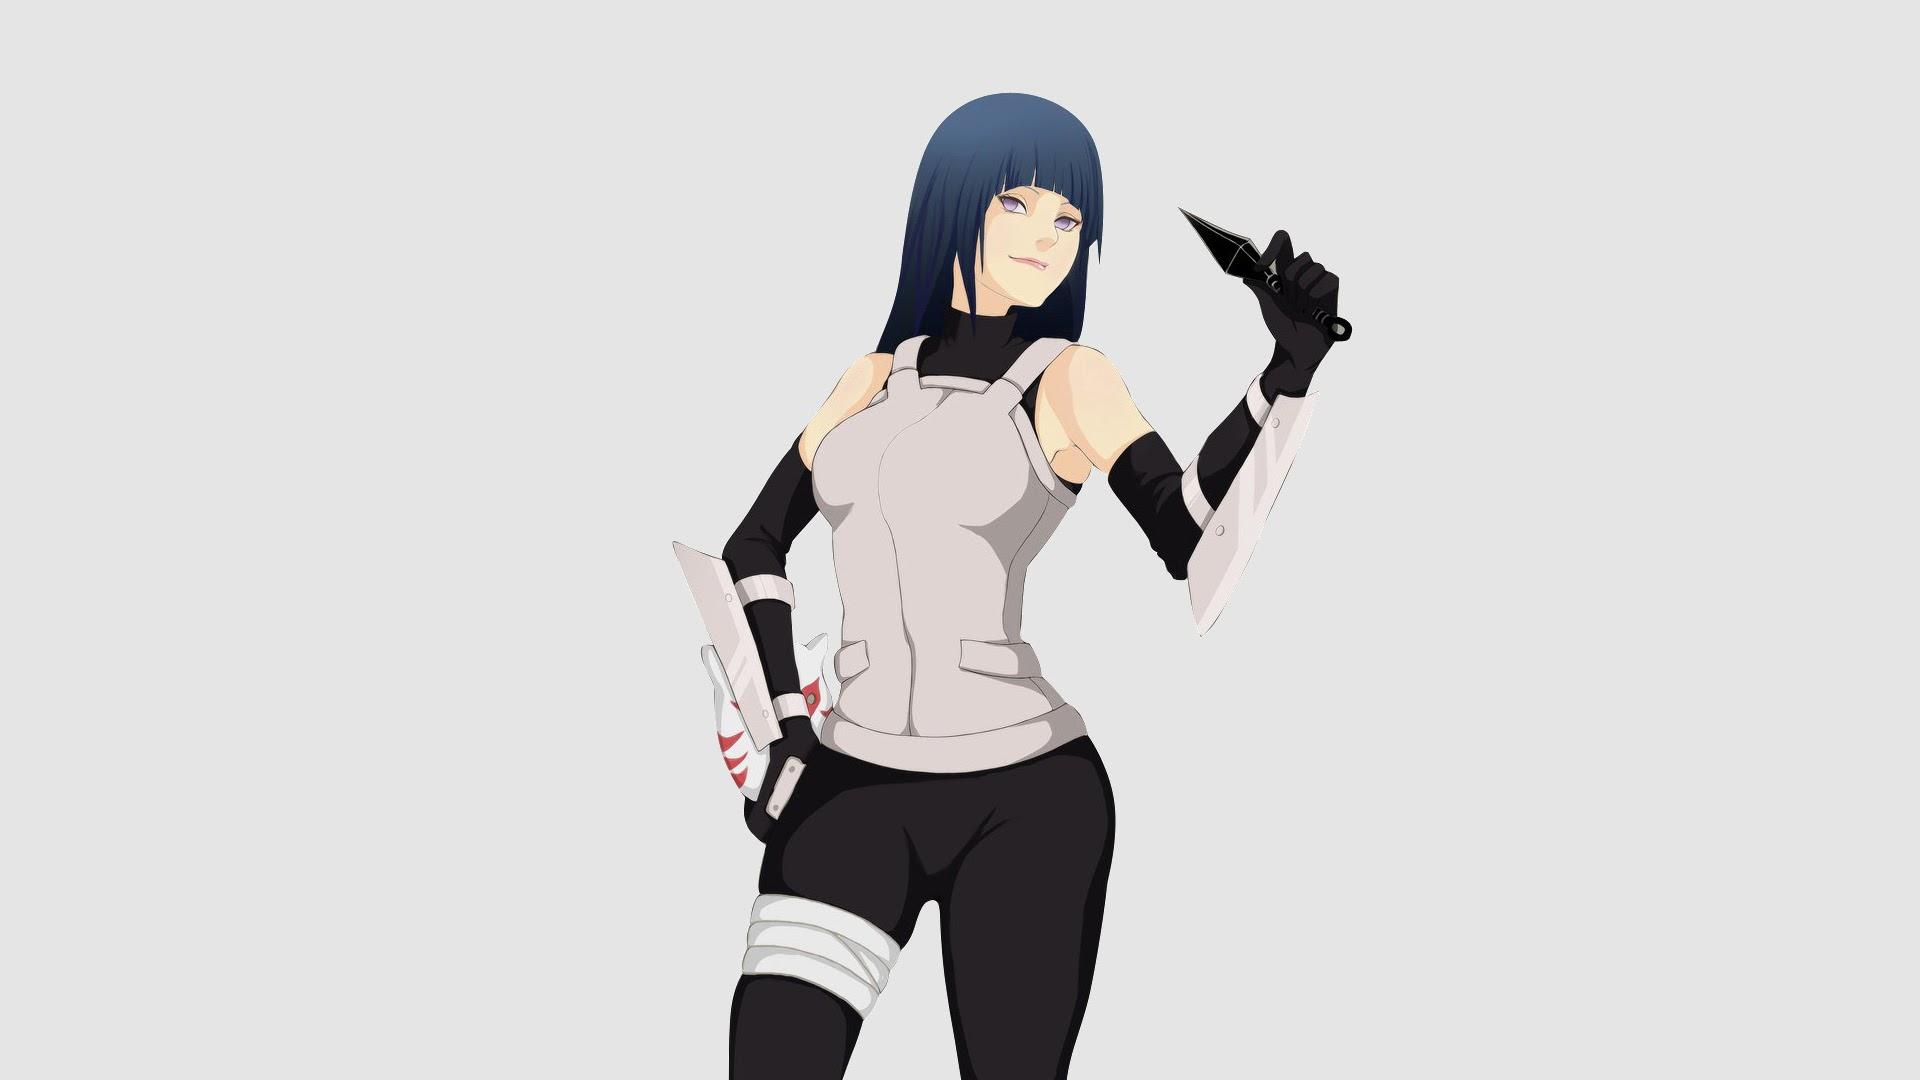 Naruto anbu uniform - Naruto Hatake Kakashi Anbu Uniform Cosplay